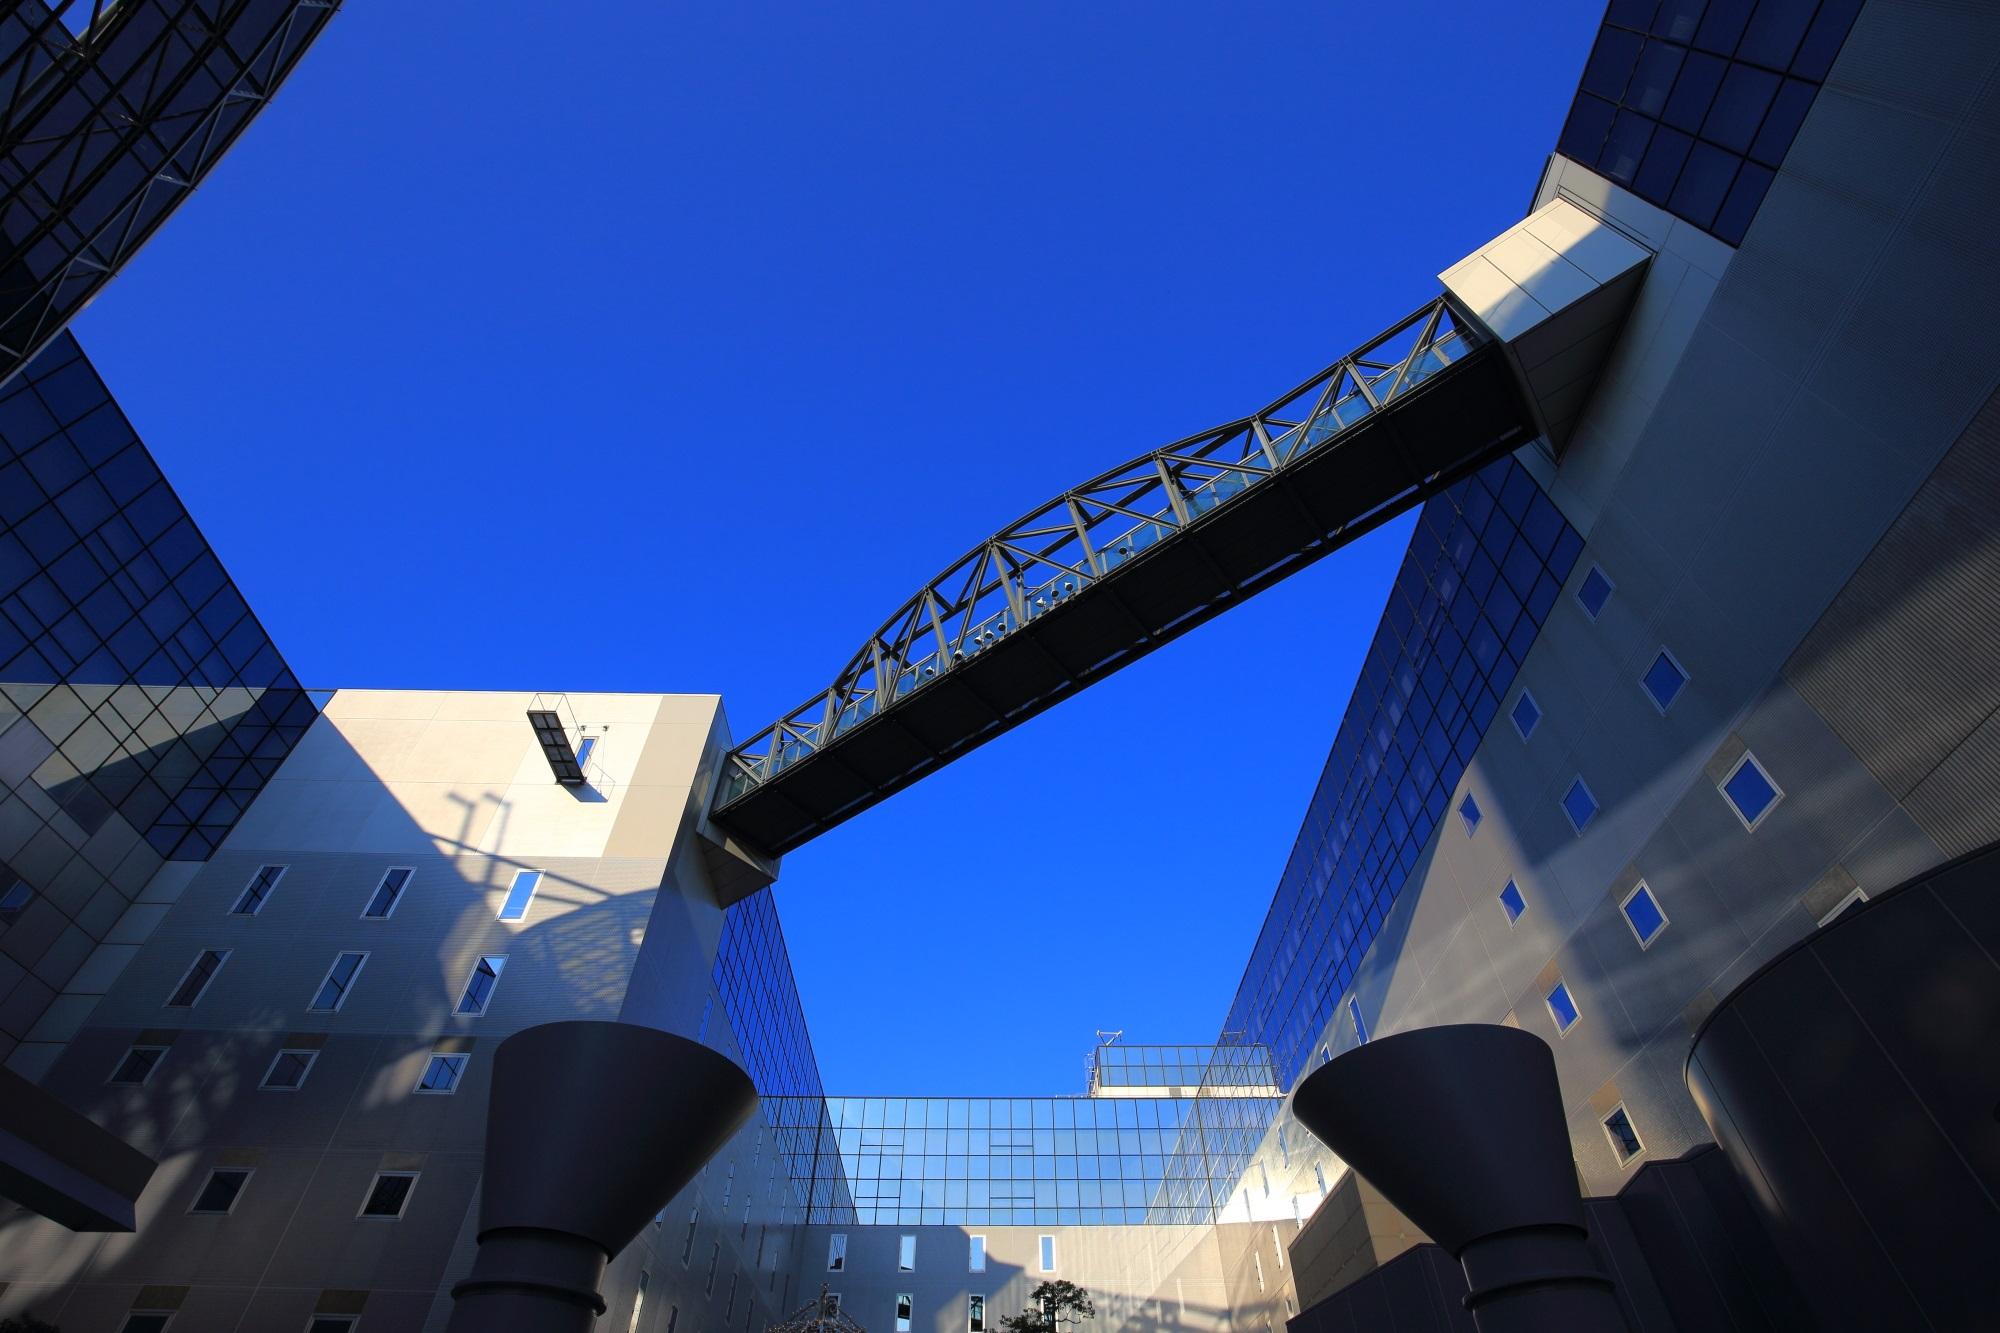 駅ビルと鮮やかな青空と空中経路